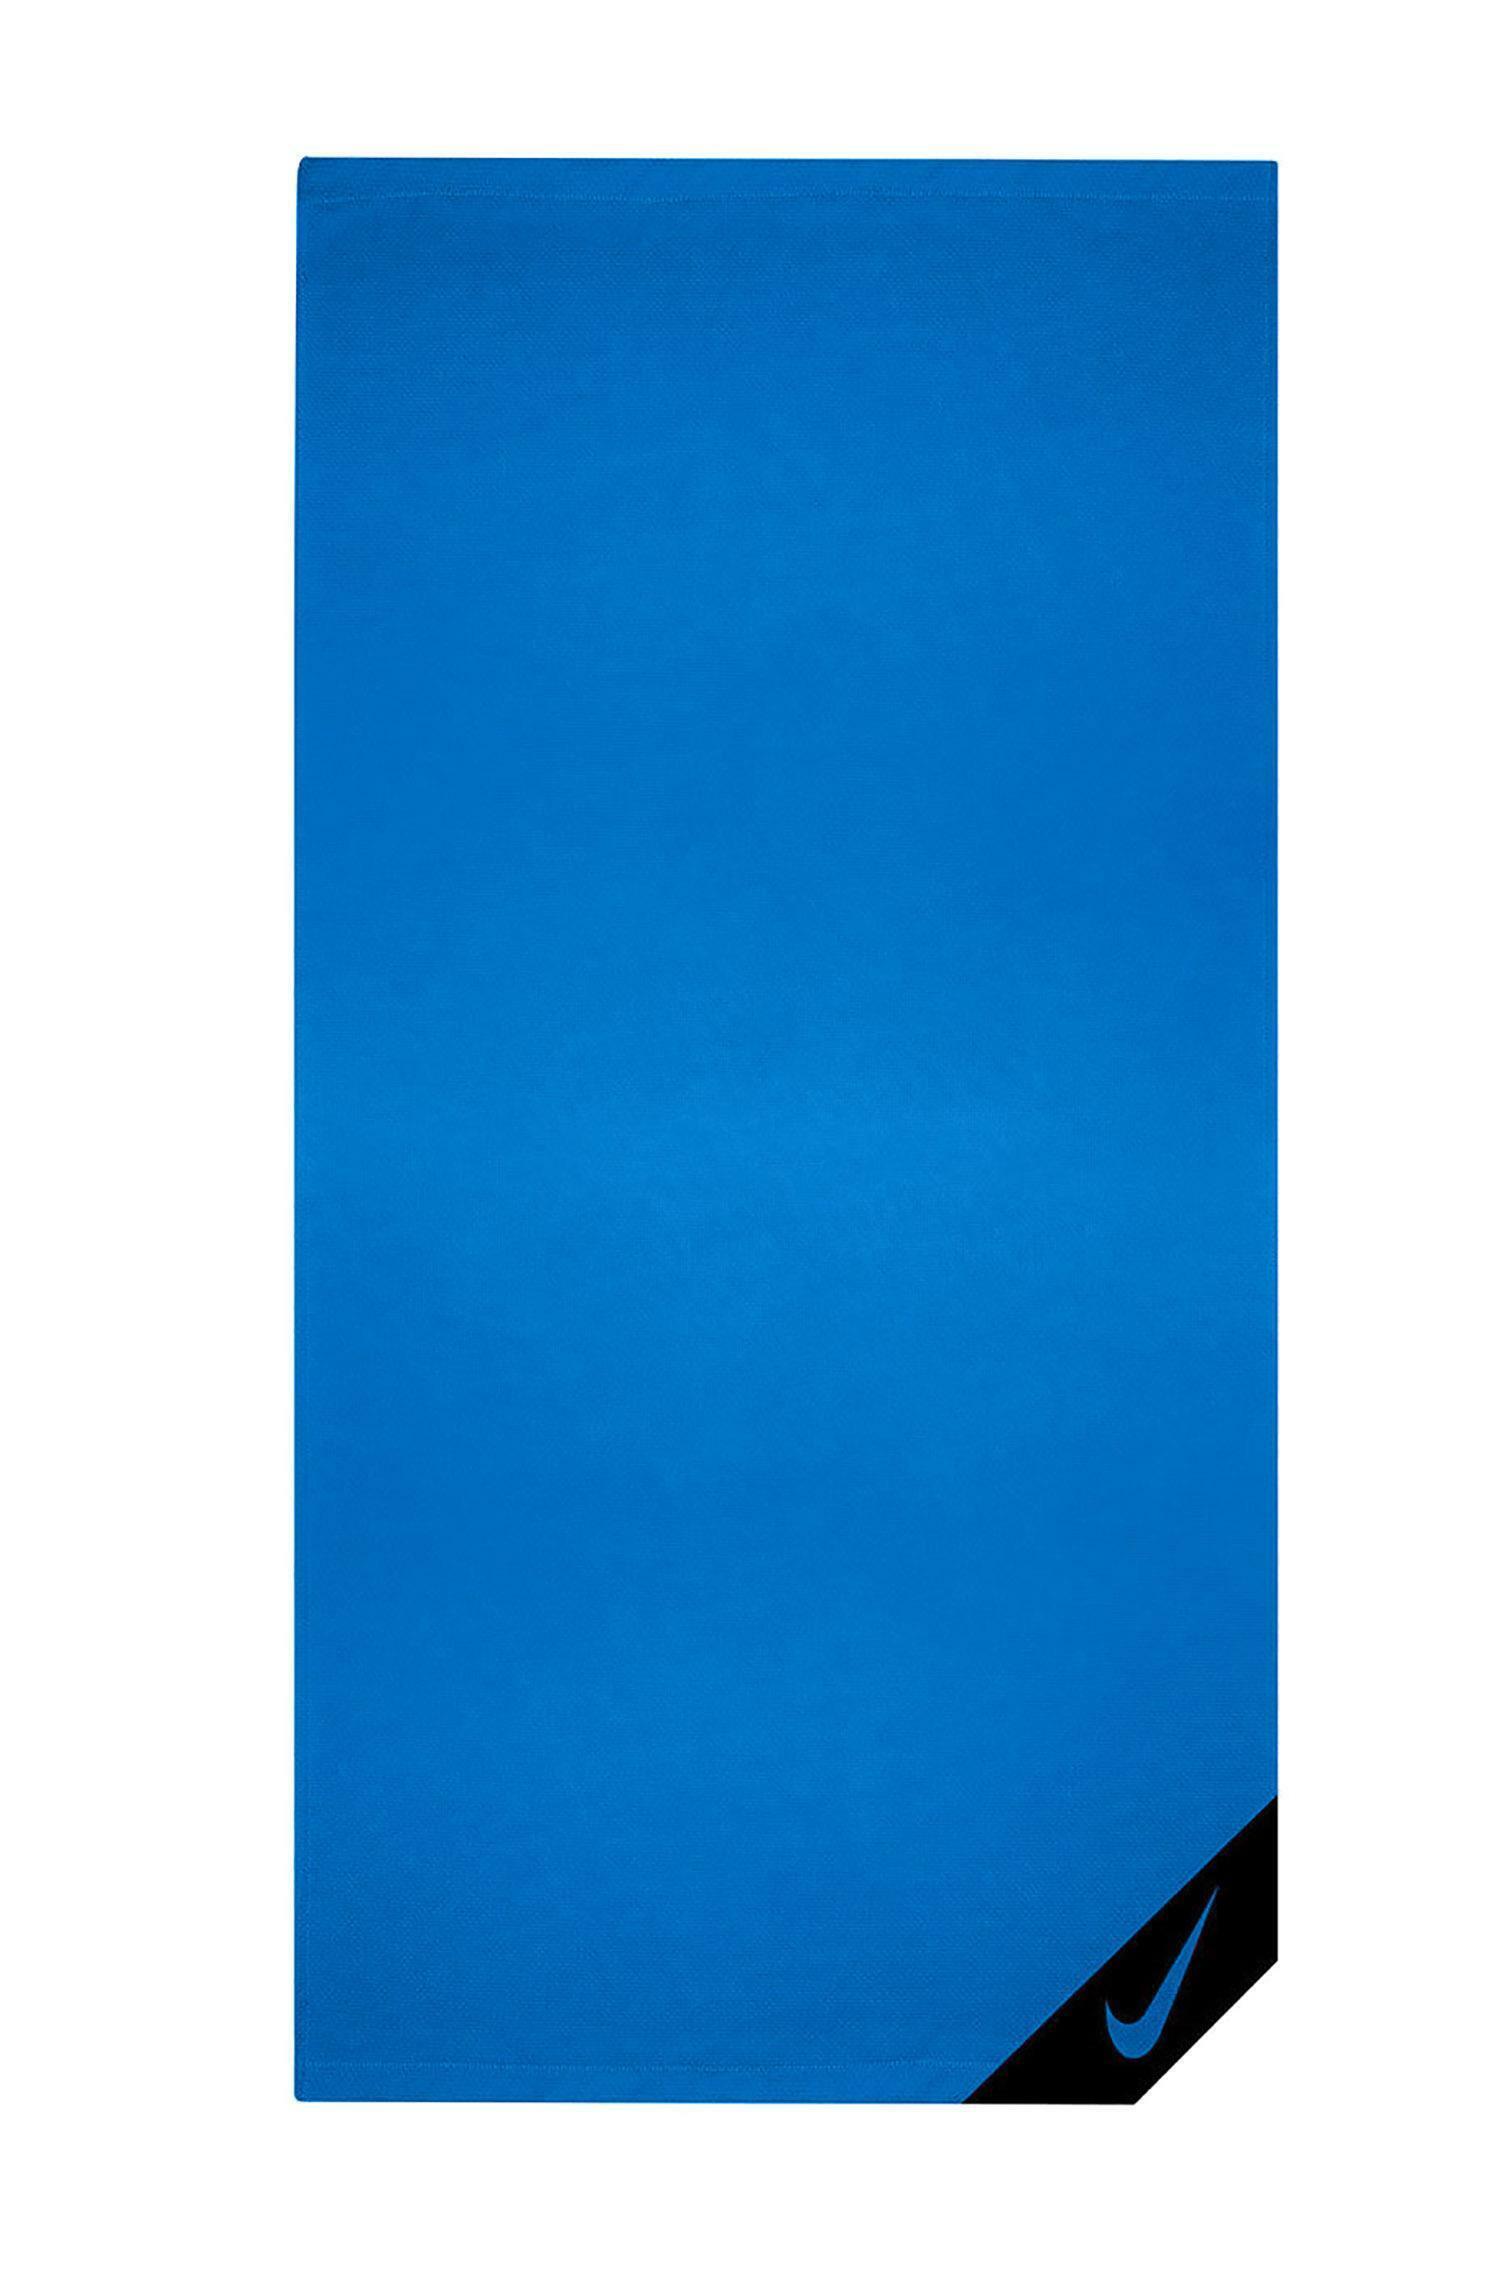 nike cooling towel telo blu nttd1492ns